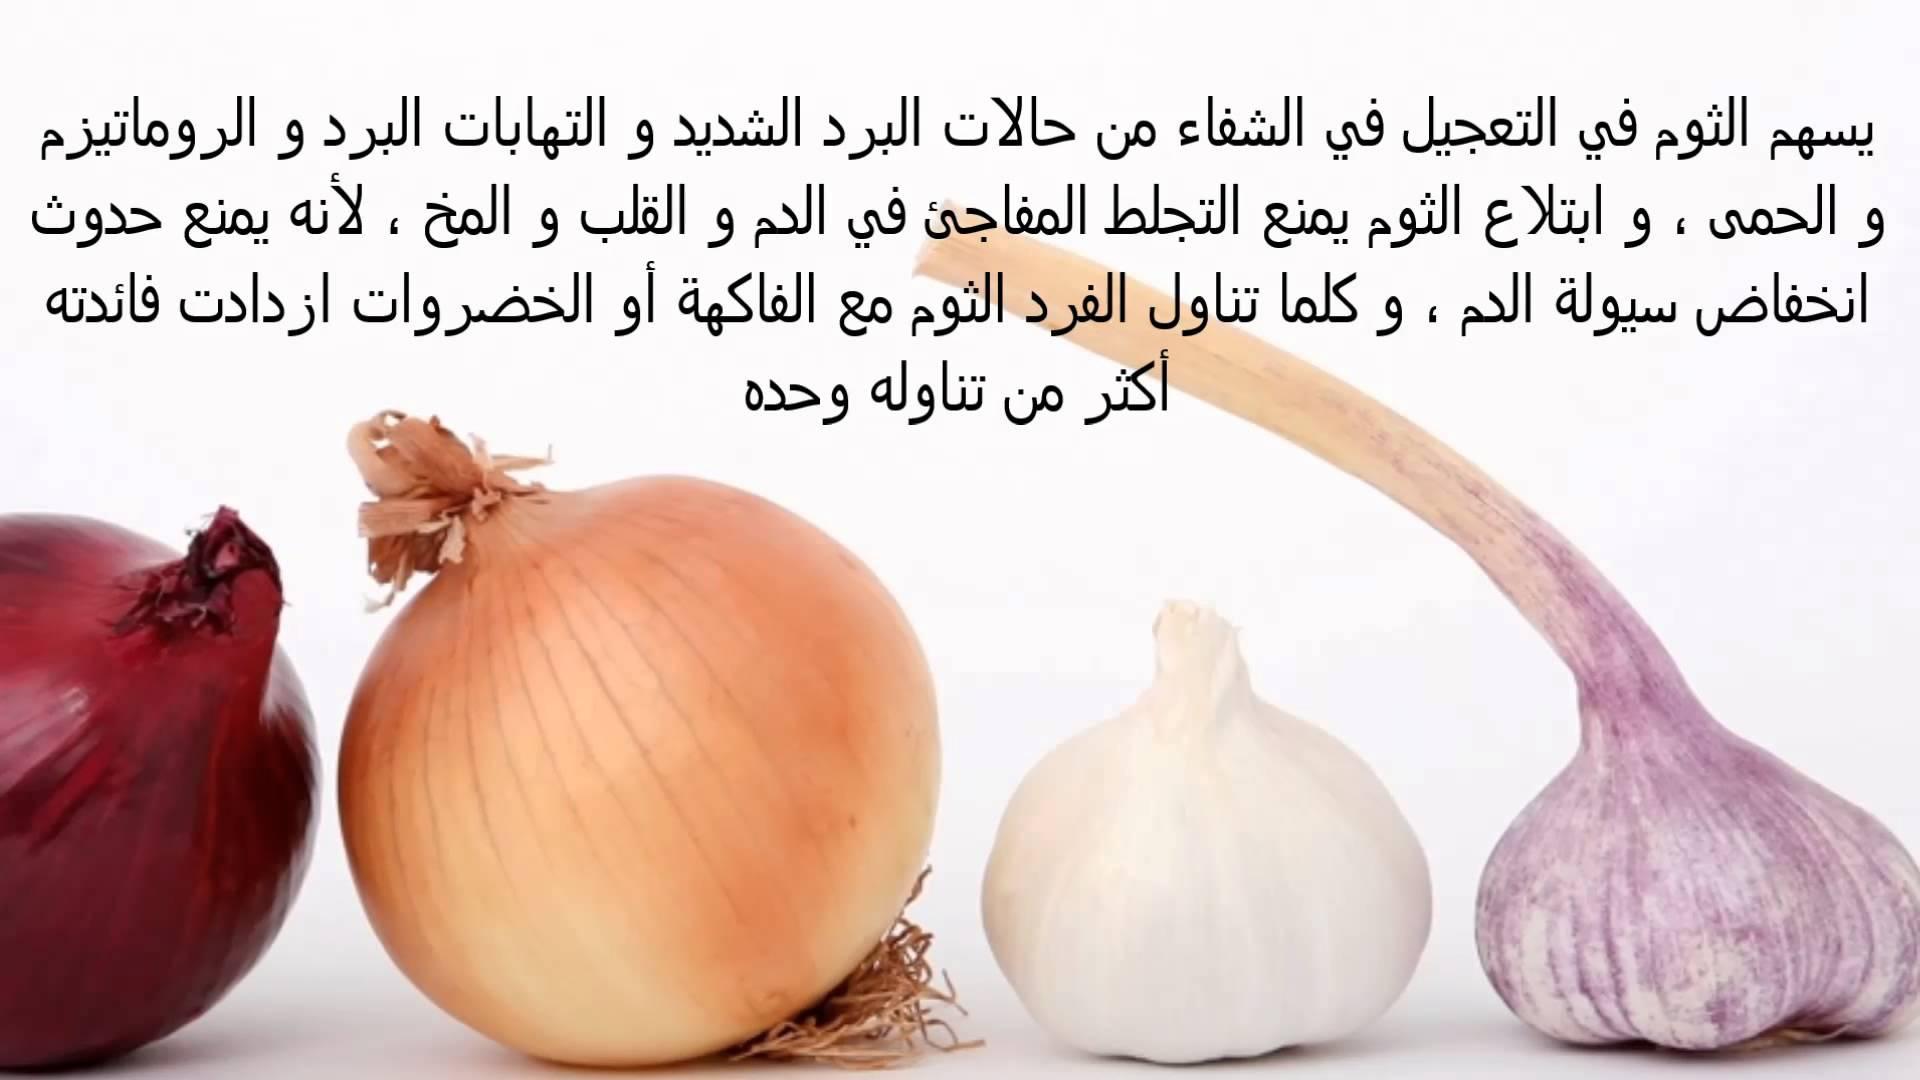 صورة فوائد اكل الثوم , فوائد الثوم على الصحة